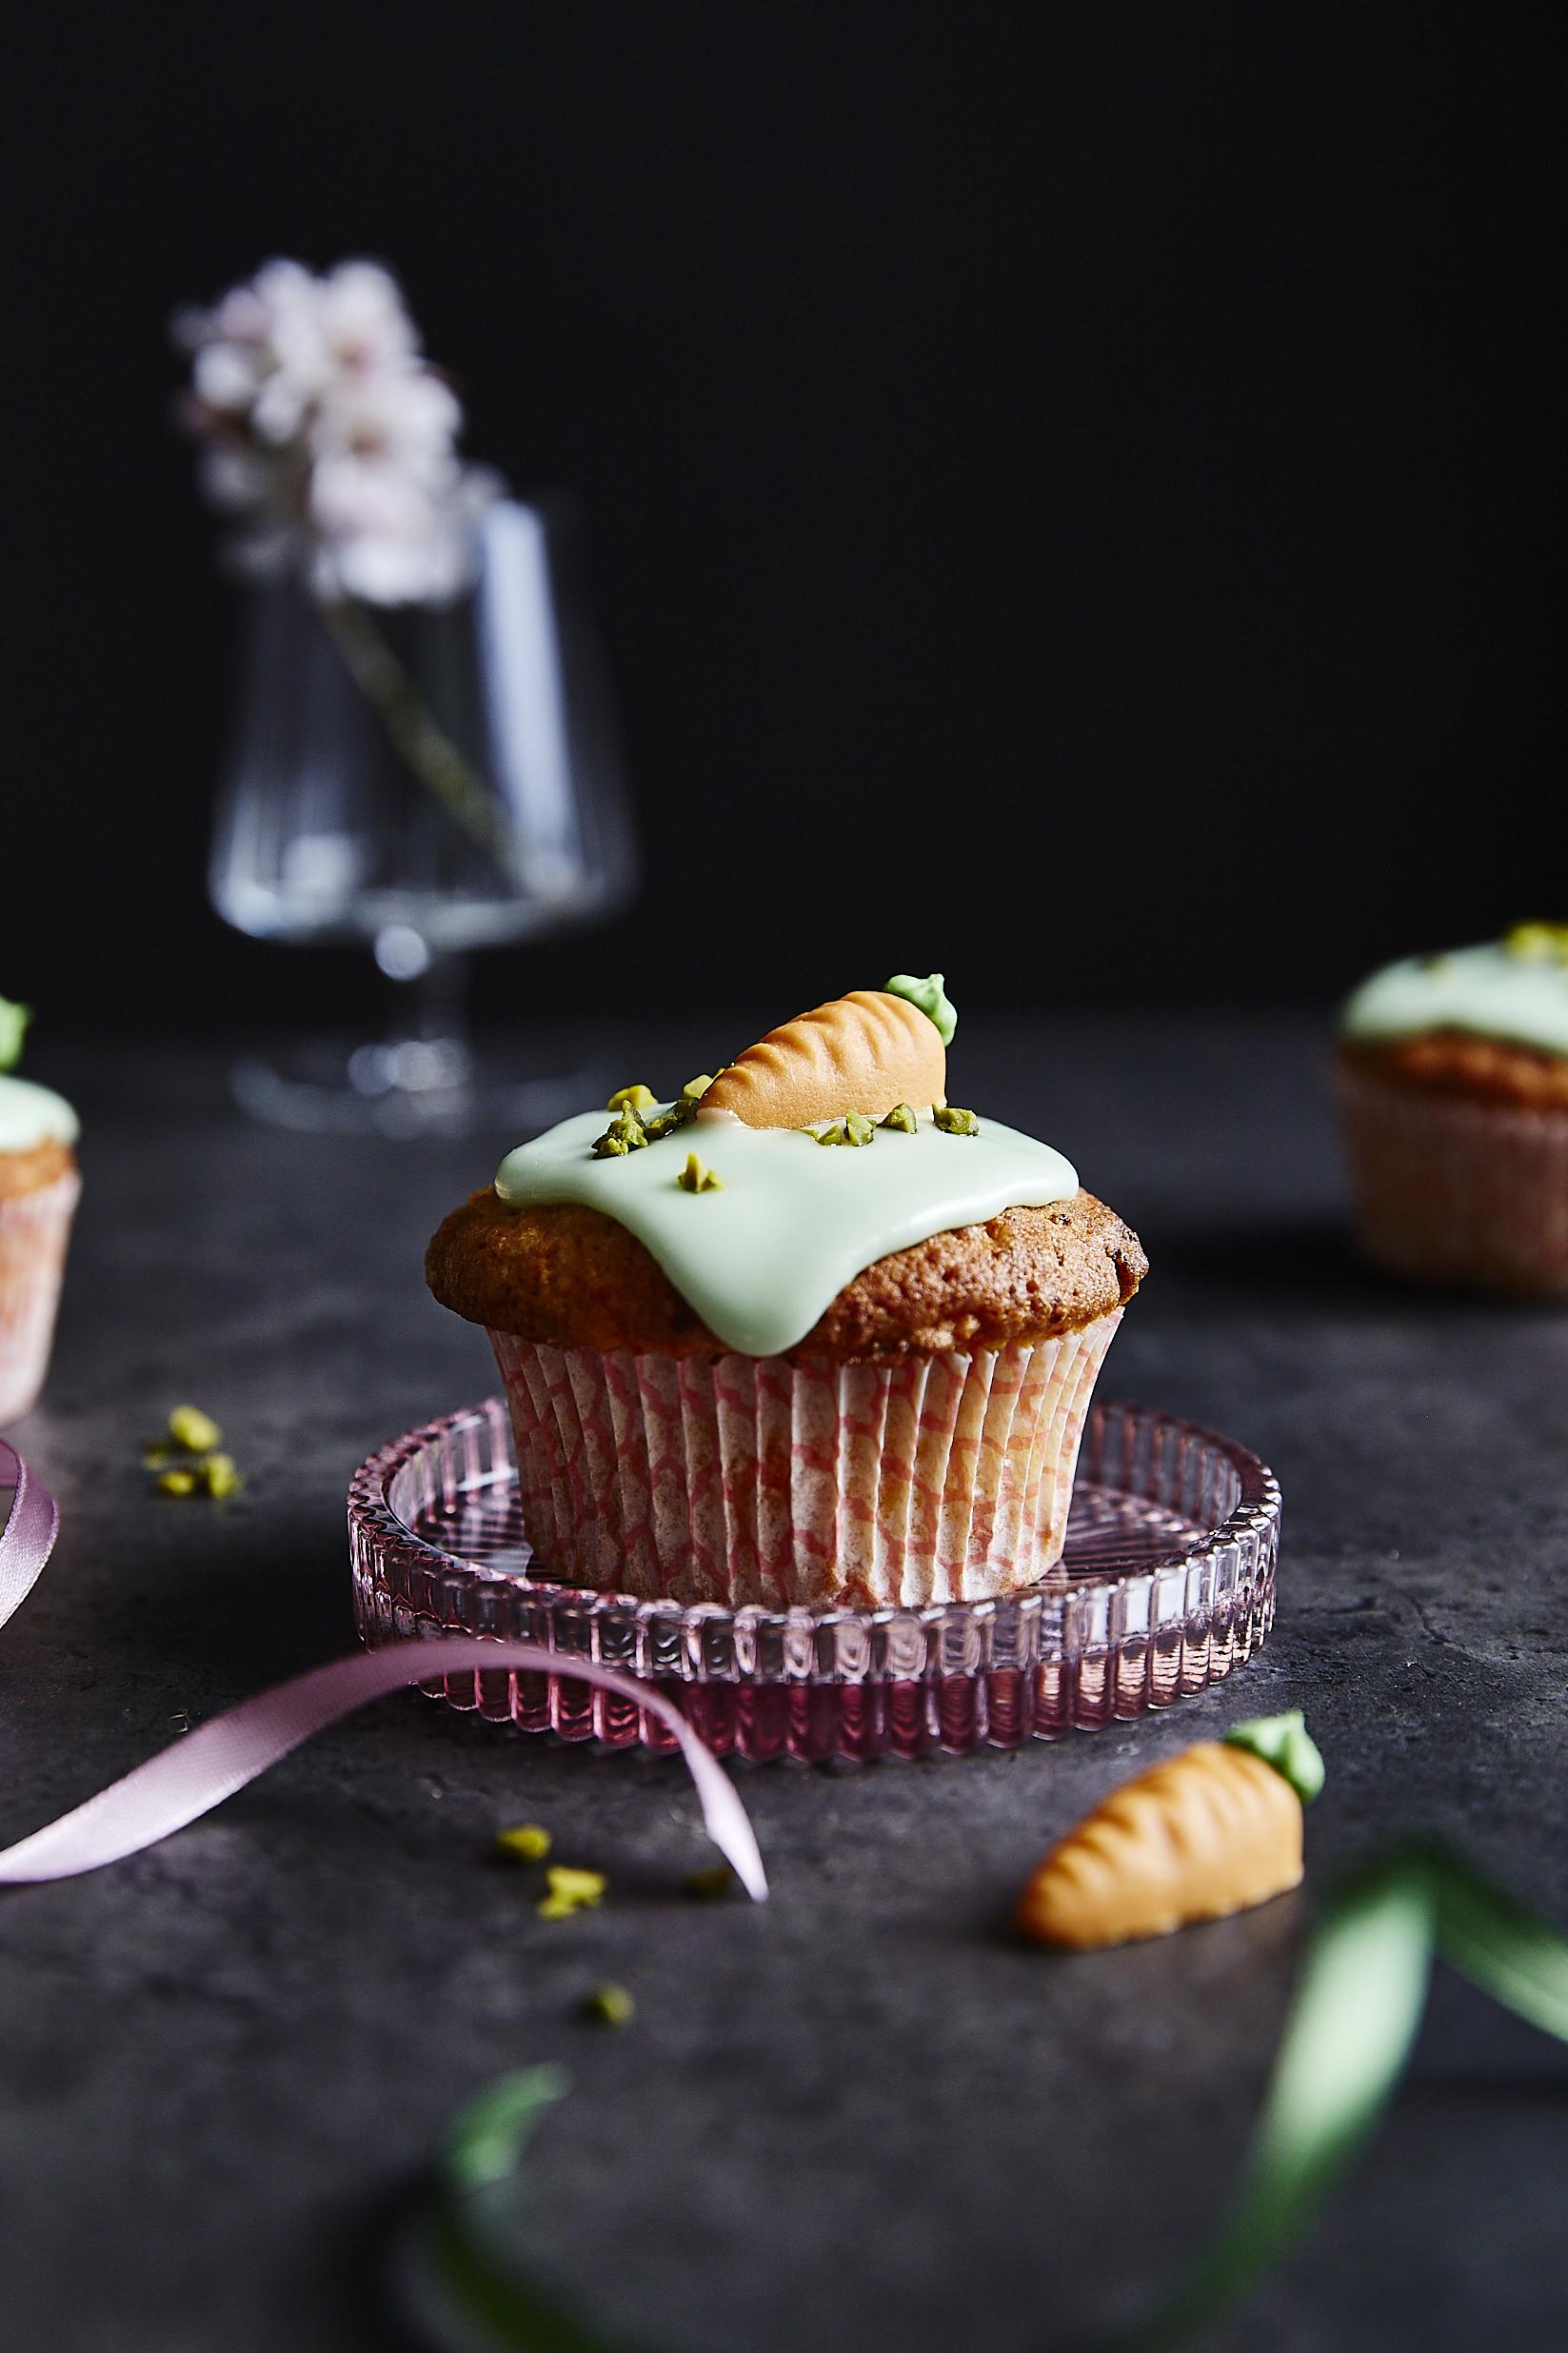 Rübli-Muffin mit grünem Zuckerguss und Karotten-Deko zu Ostern, auf dunklem Untergrund